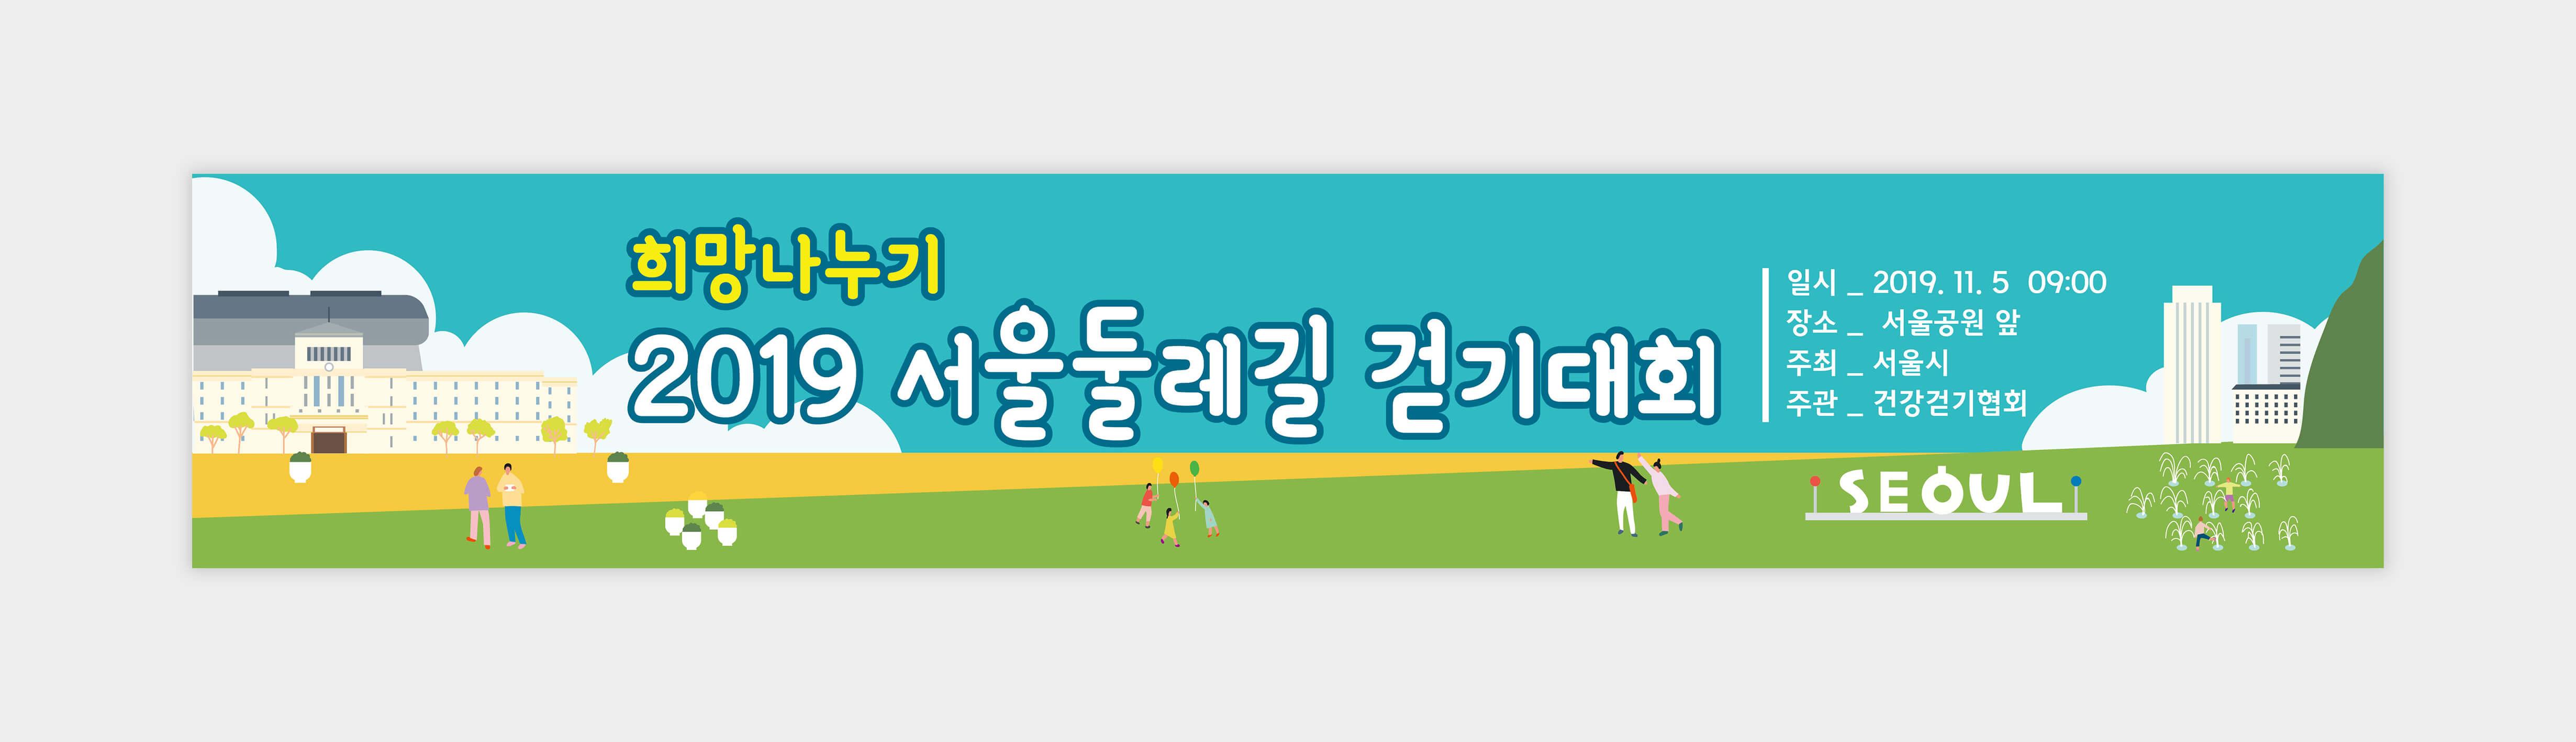 현수막_110